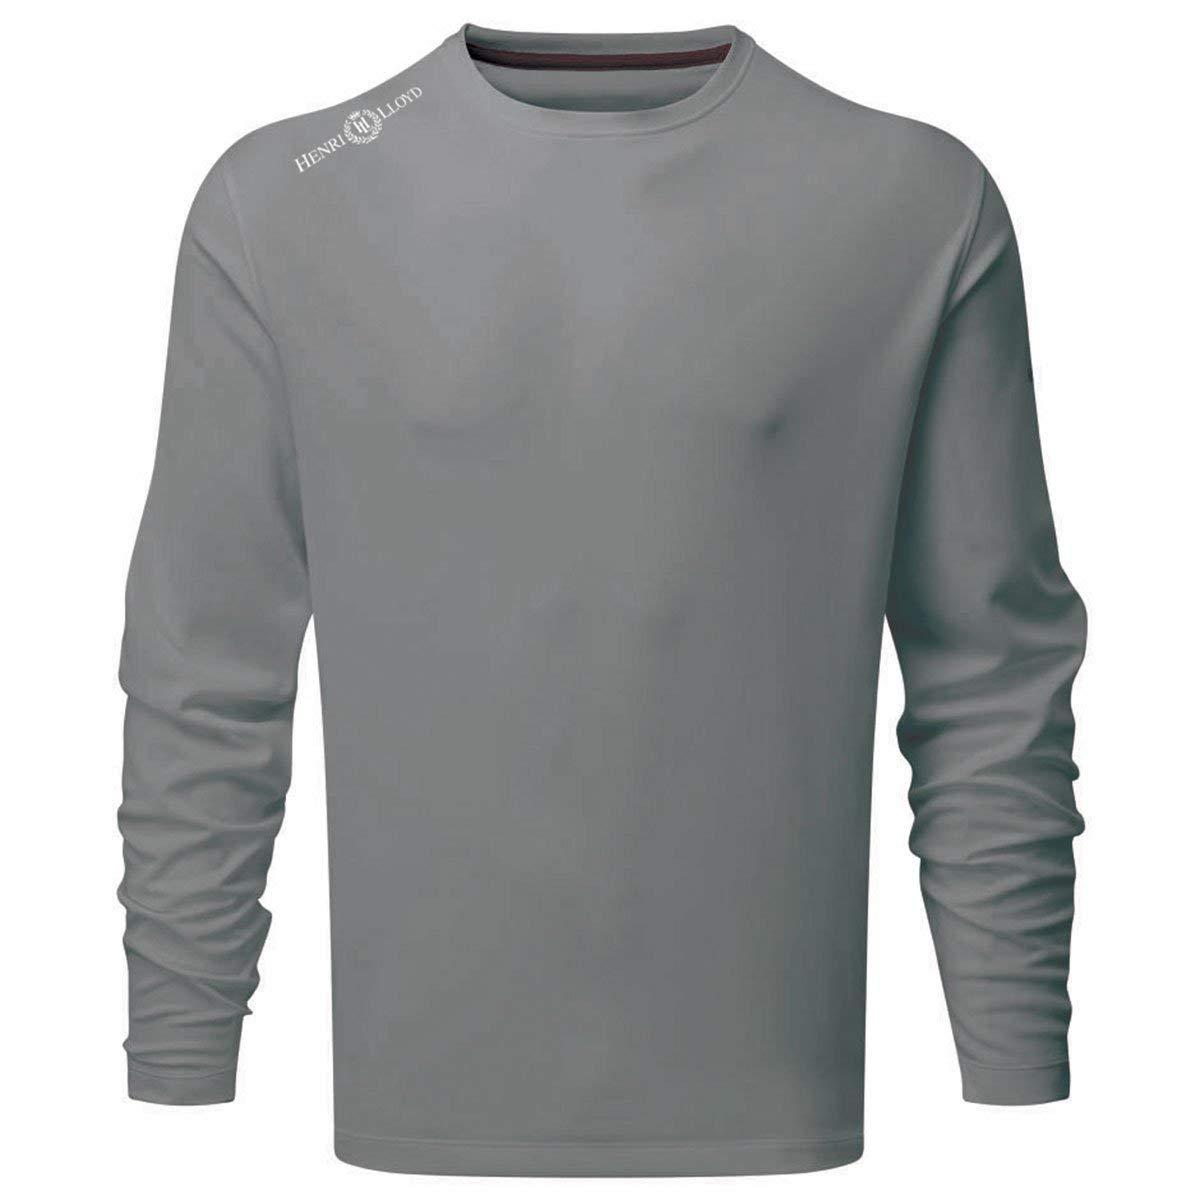 e0ff680d575 Cheap Cool Dri Long Sleeve Shirts, find Cool Dri Long Sleeve Shirts ...